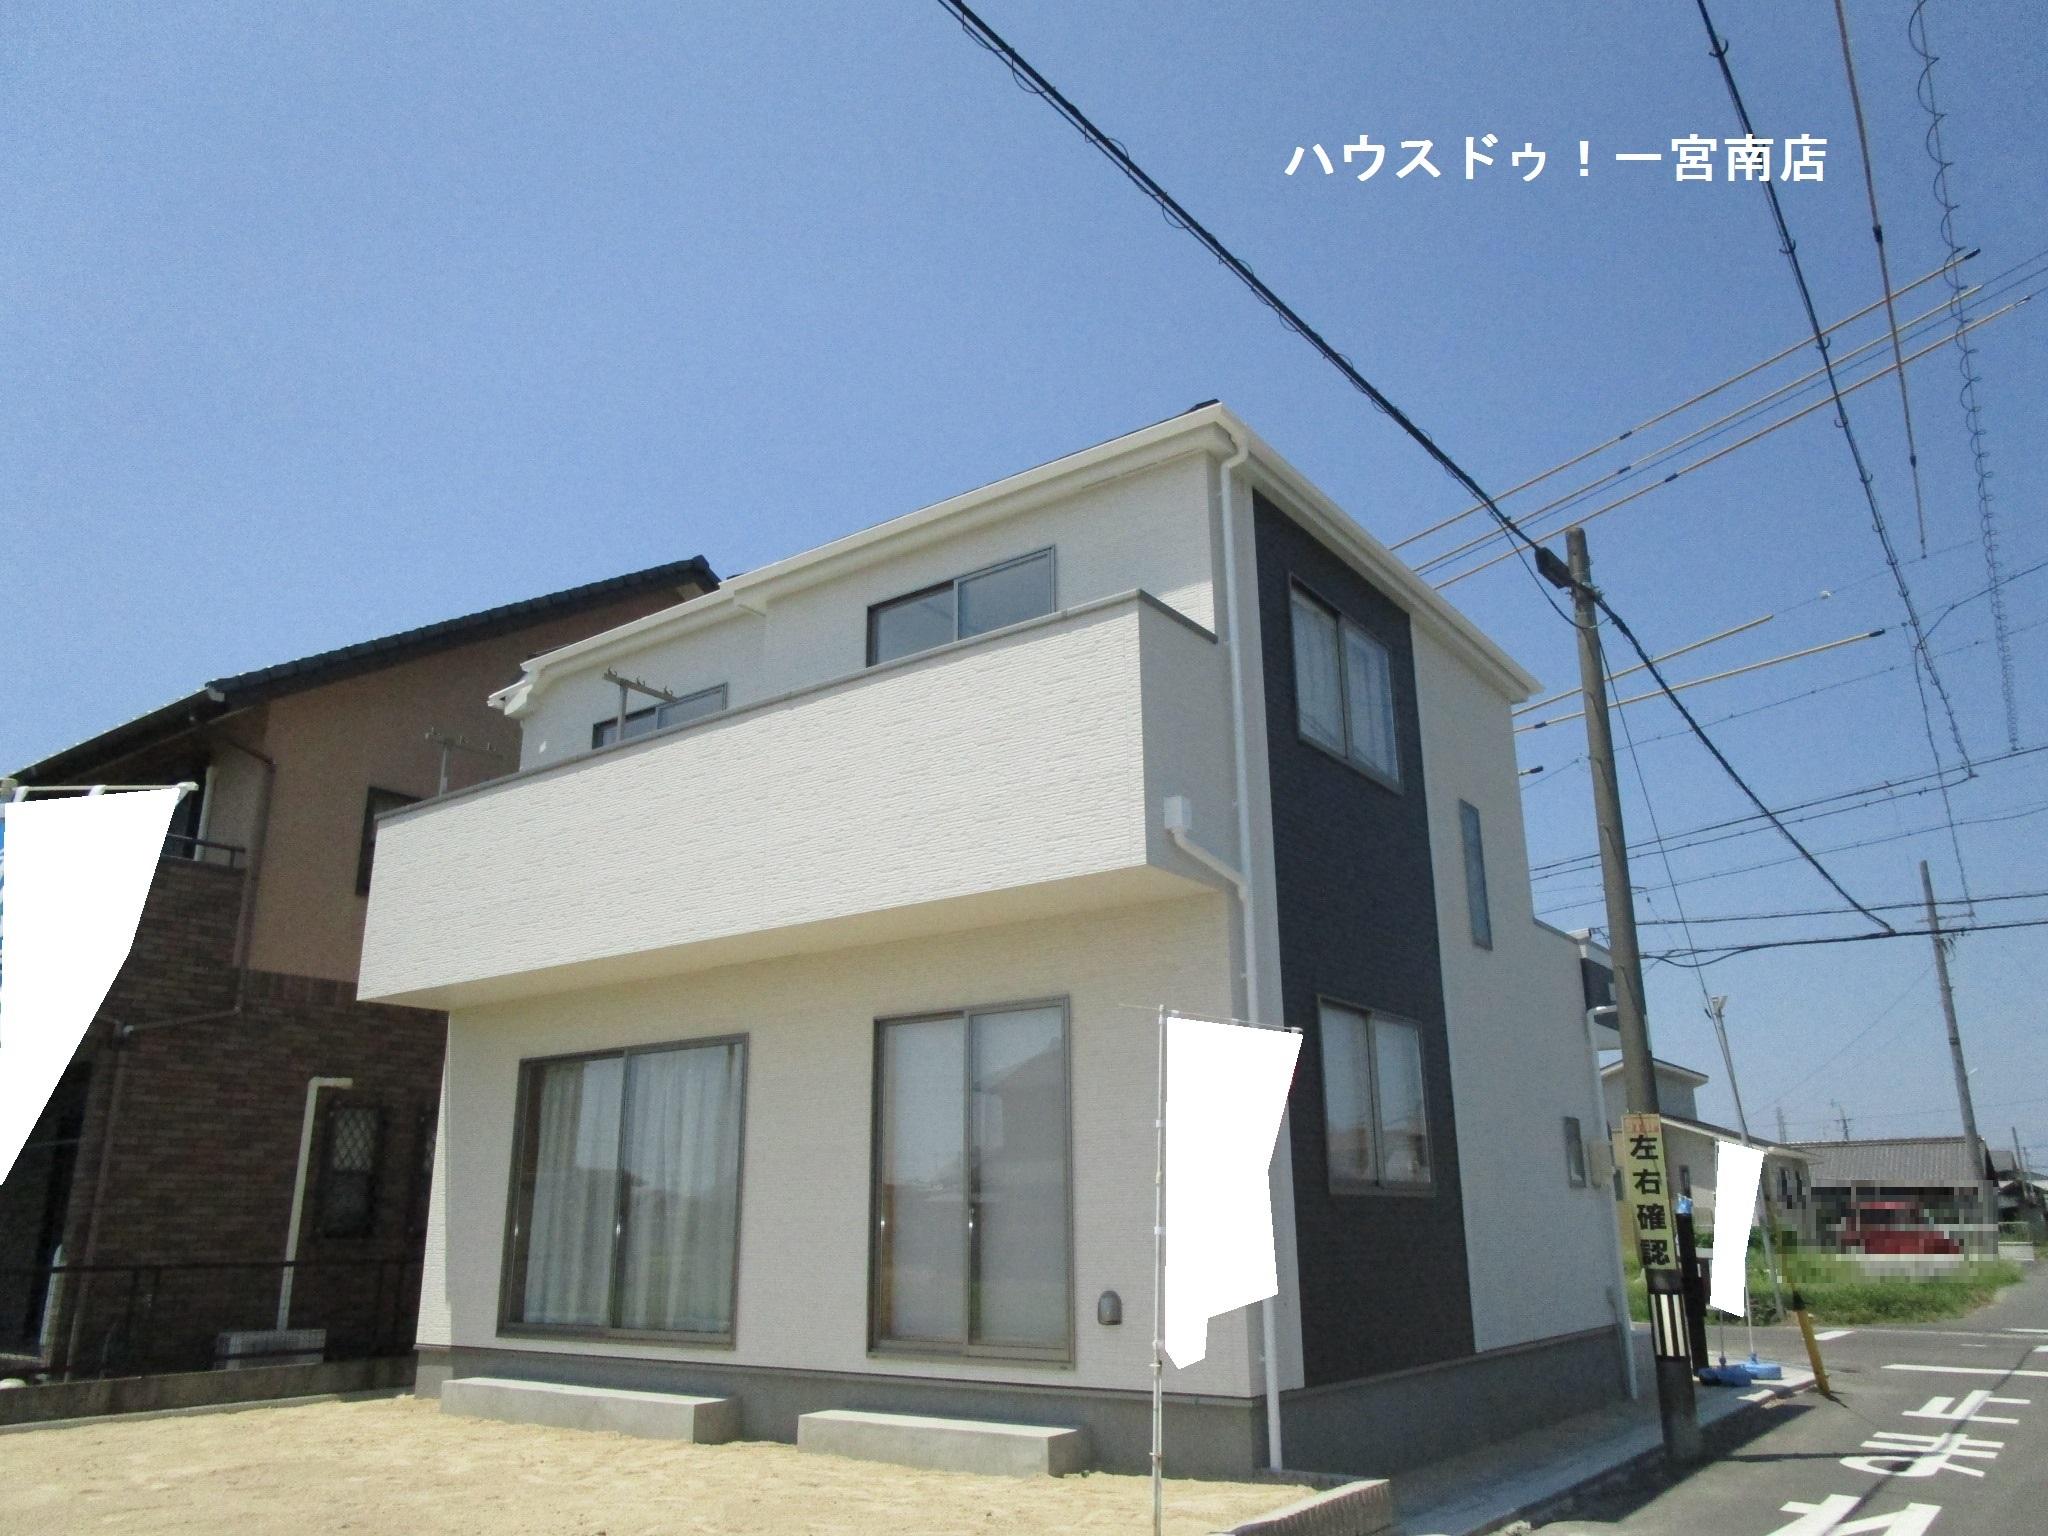 【外観写真】 4/12撮影